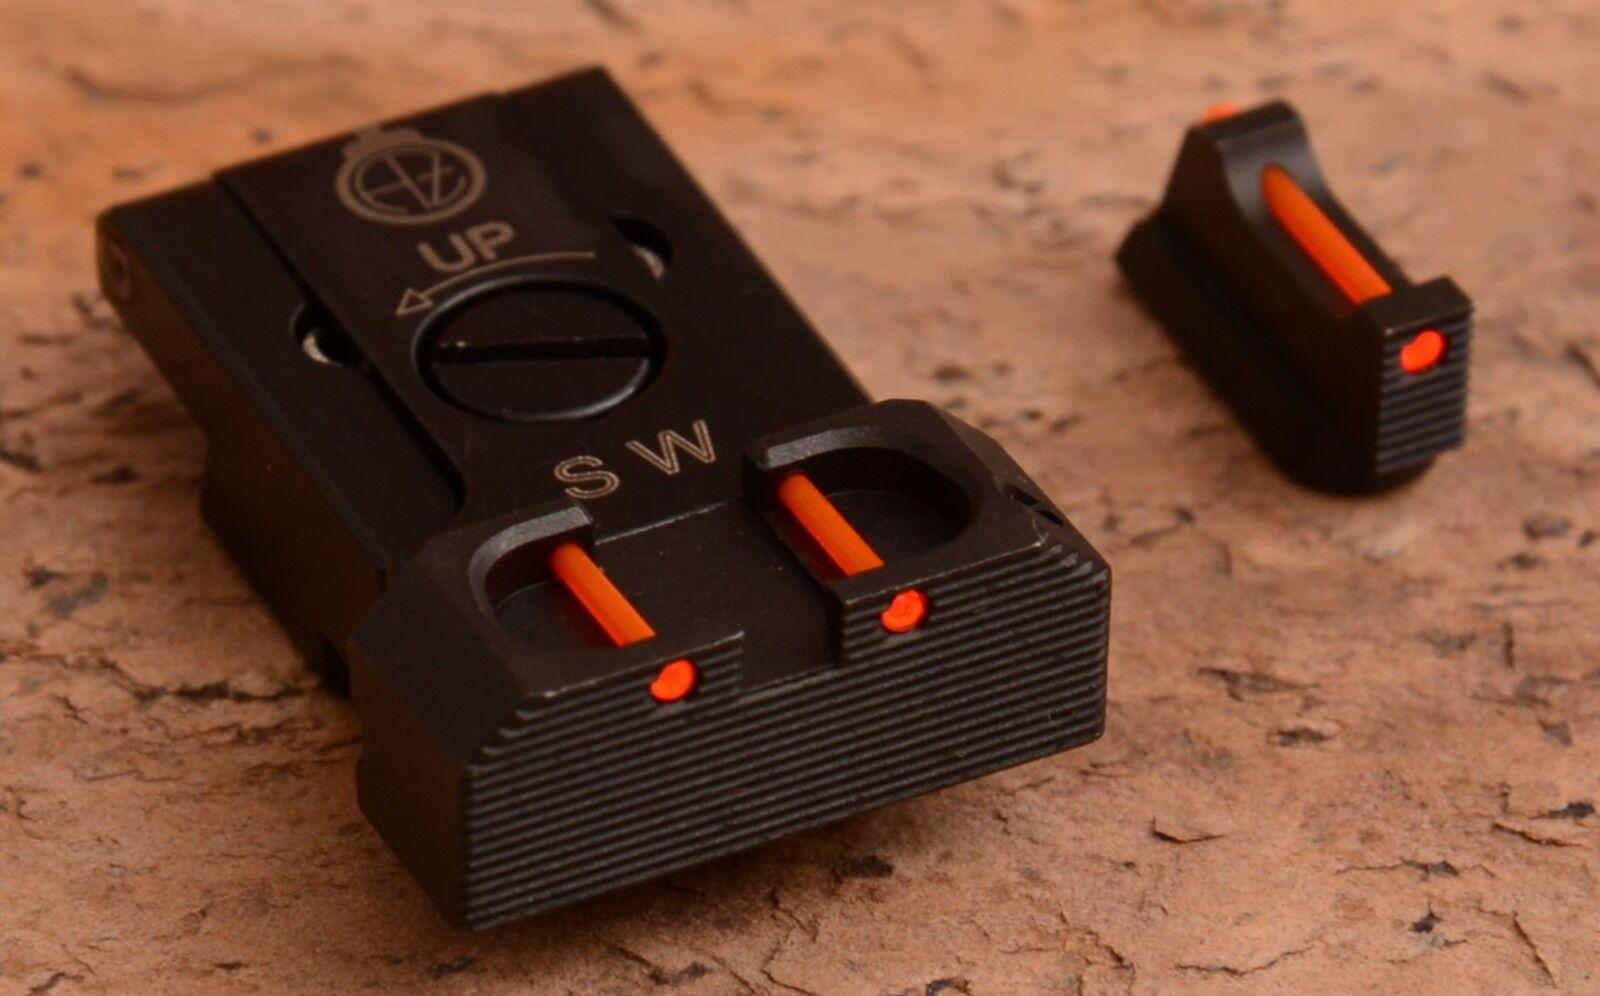 Conjuntos de vista trasera ajustable con fibra óptica para CZ 75 SP-01 CZ Shadow 2-Rojo